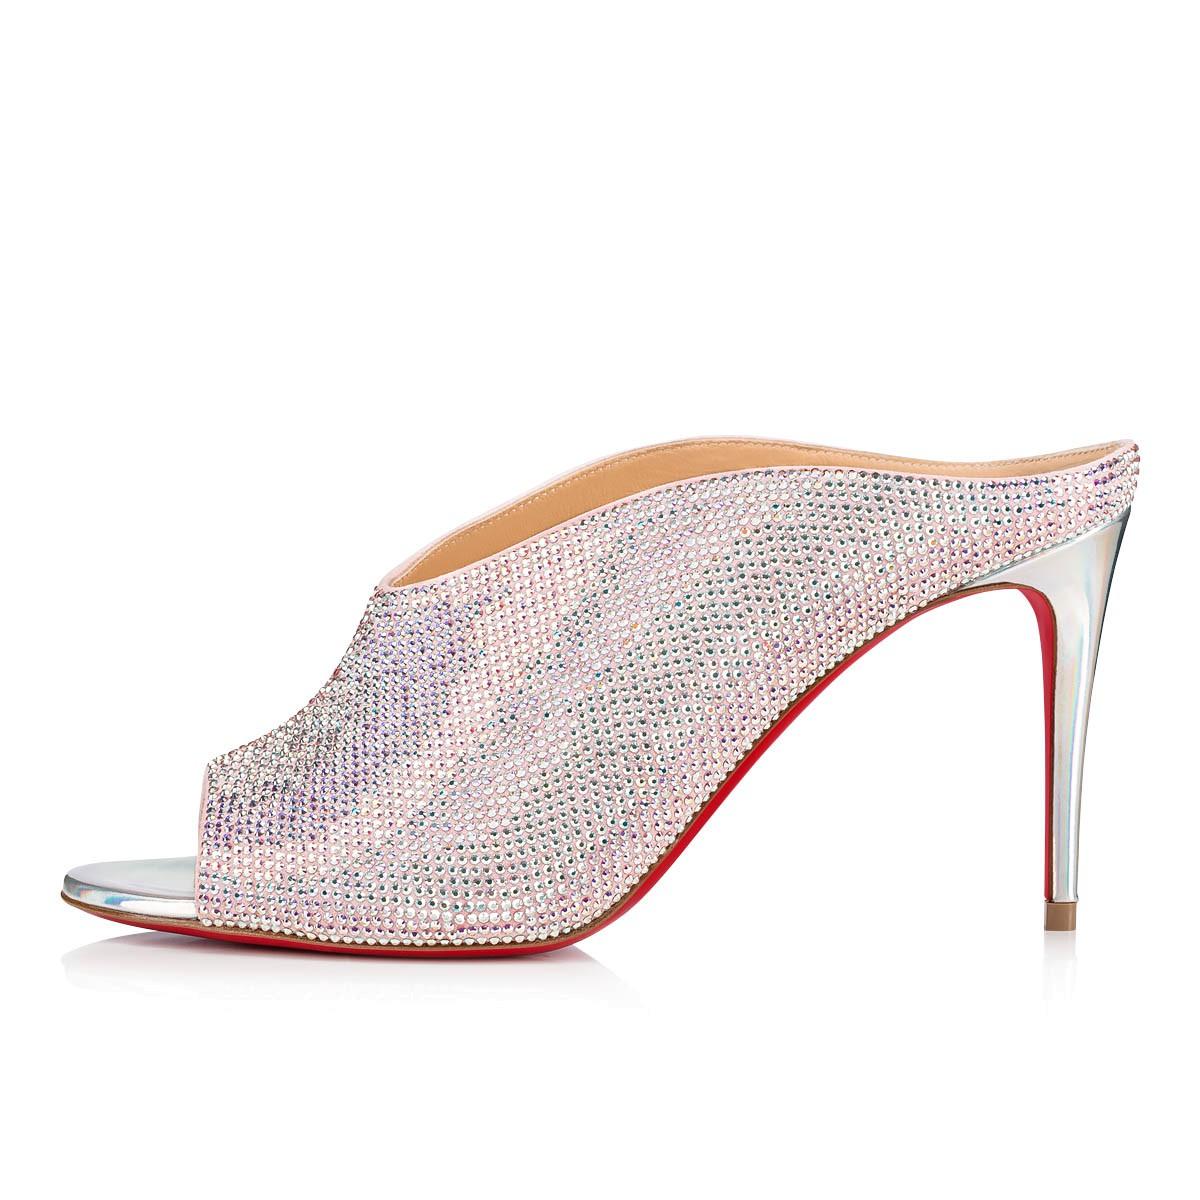 Women Shoes - Iced Bear - Christian Louboutin